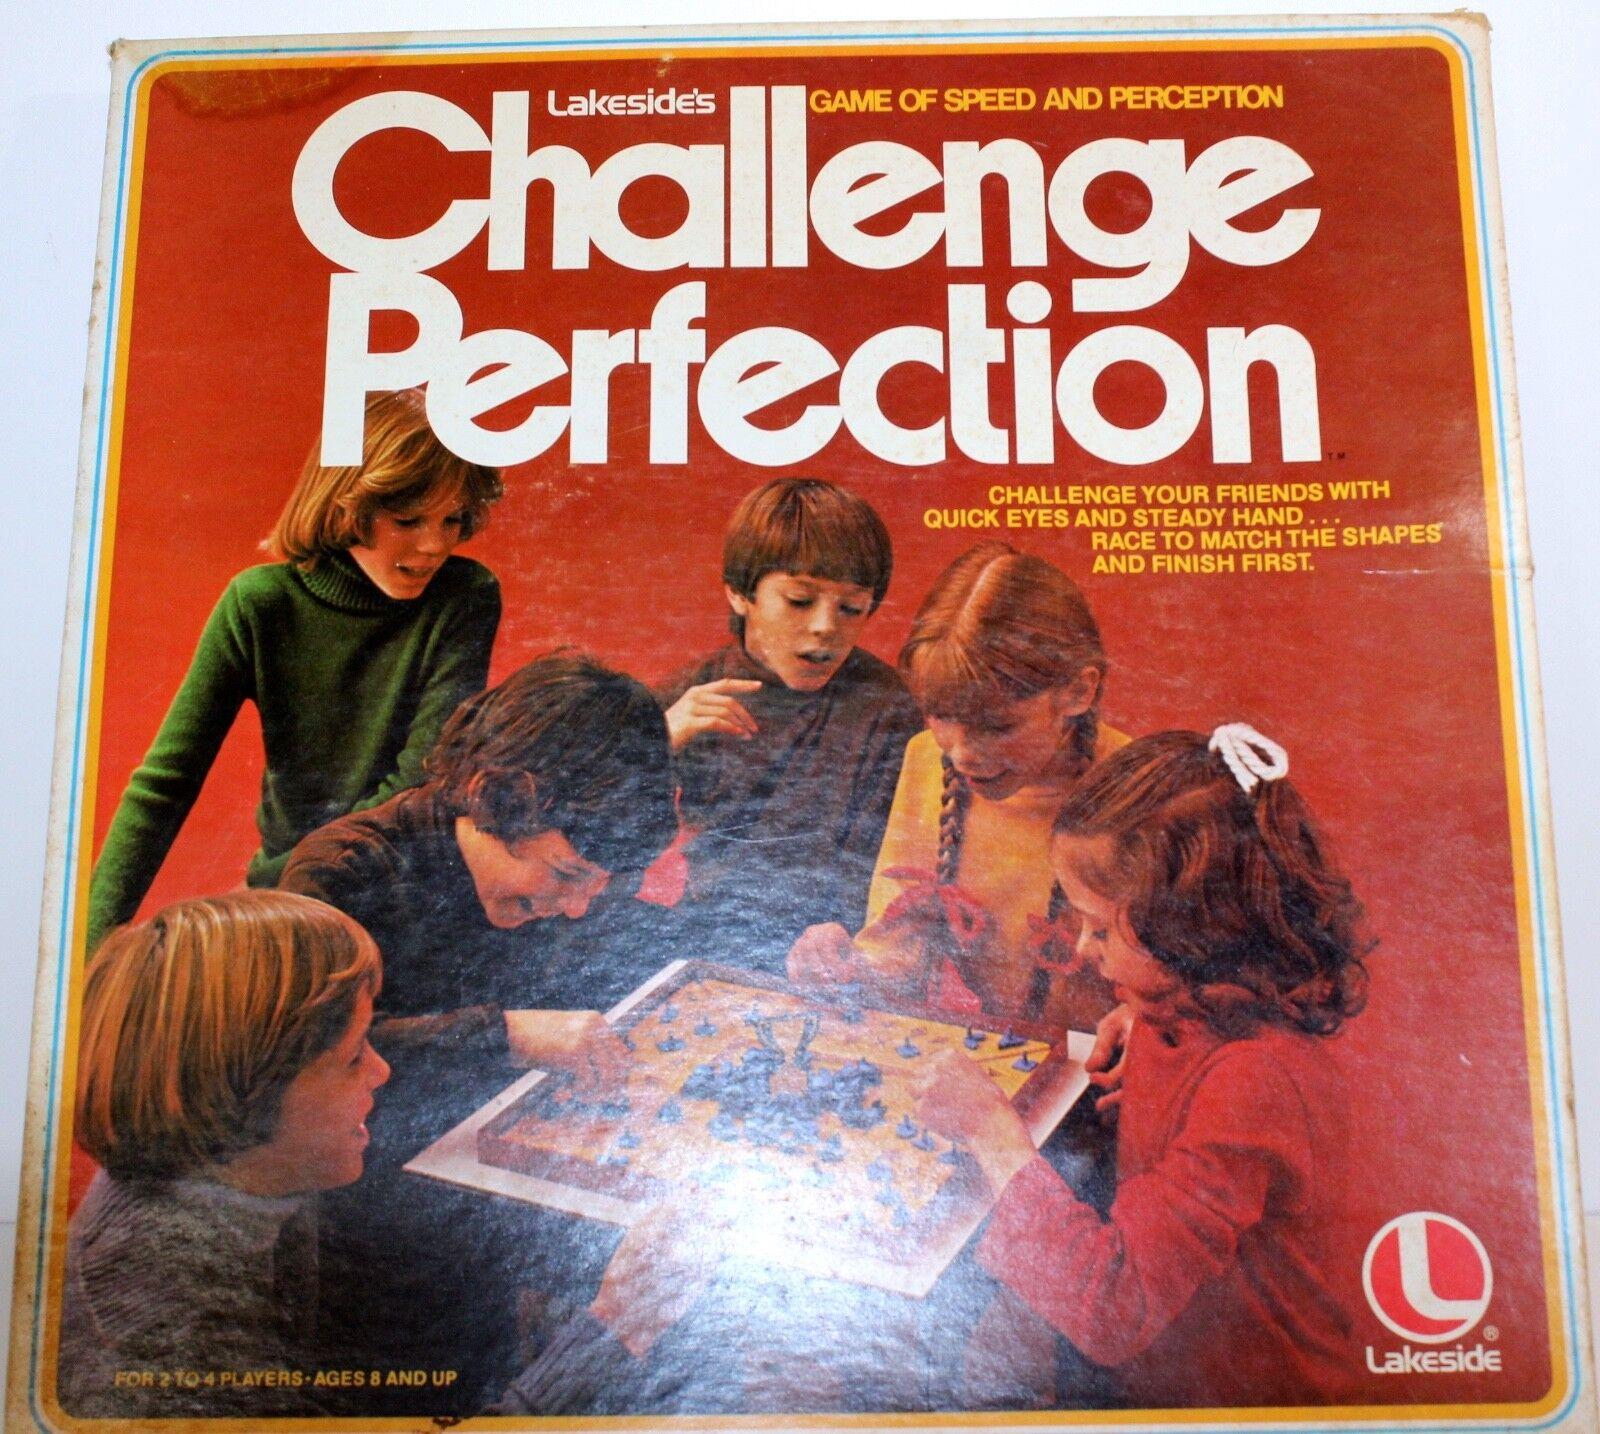 Herausforderung perfektion spiel vorelektroni-schen von lakeside jahrgang 1978